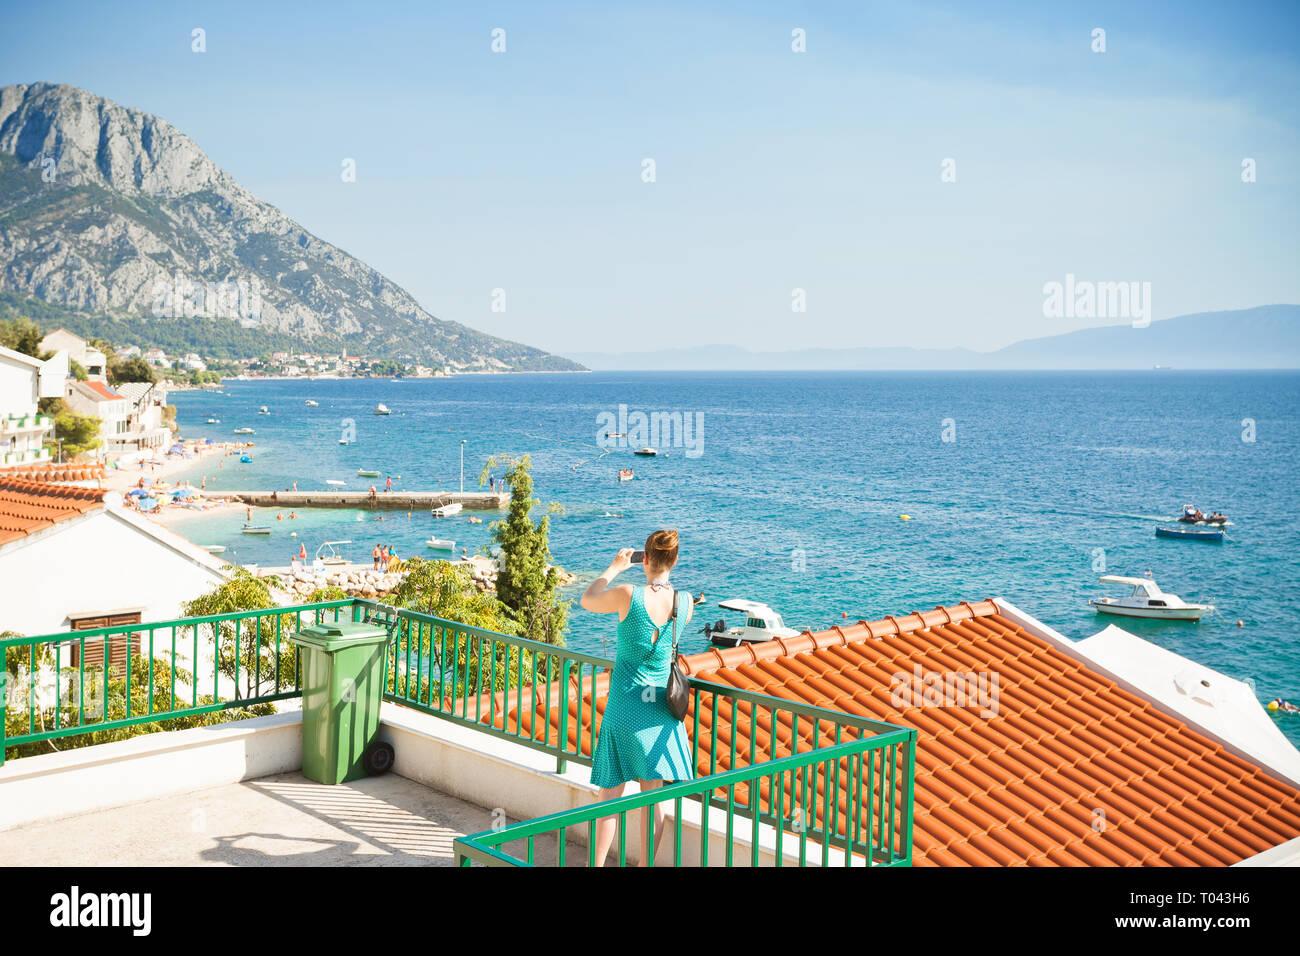 Brist, Dalmatien, Kroatien, Europa - eine Frau, ein Bild von der wunderschönen Bucht von Brist Stockfoto